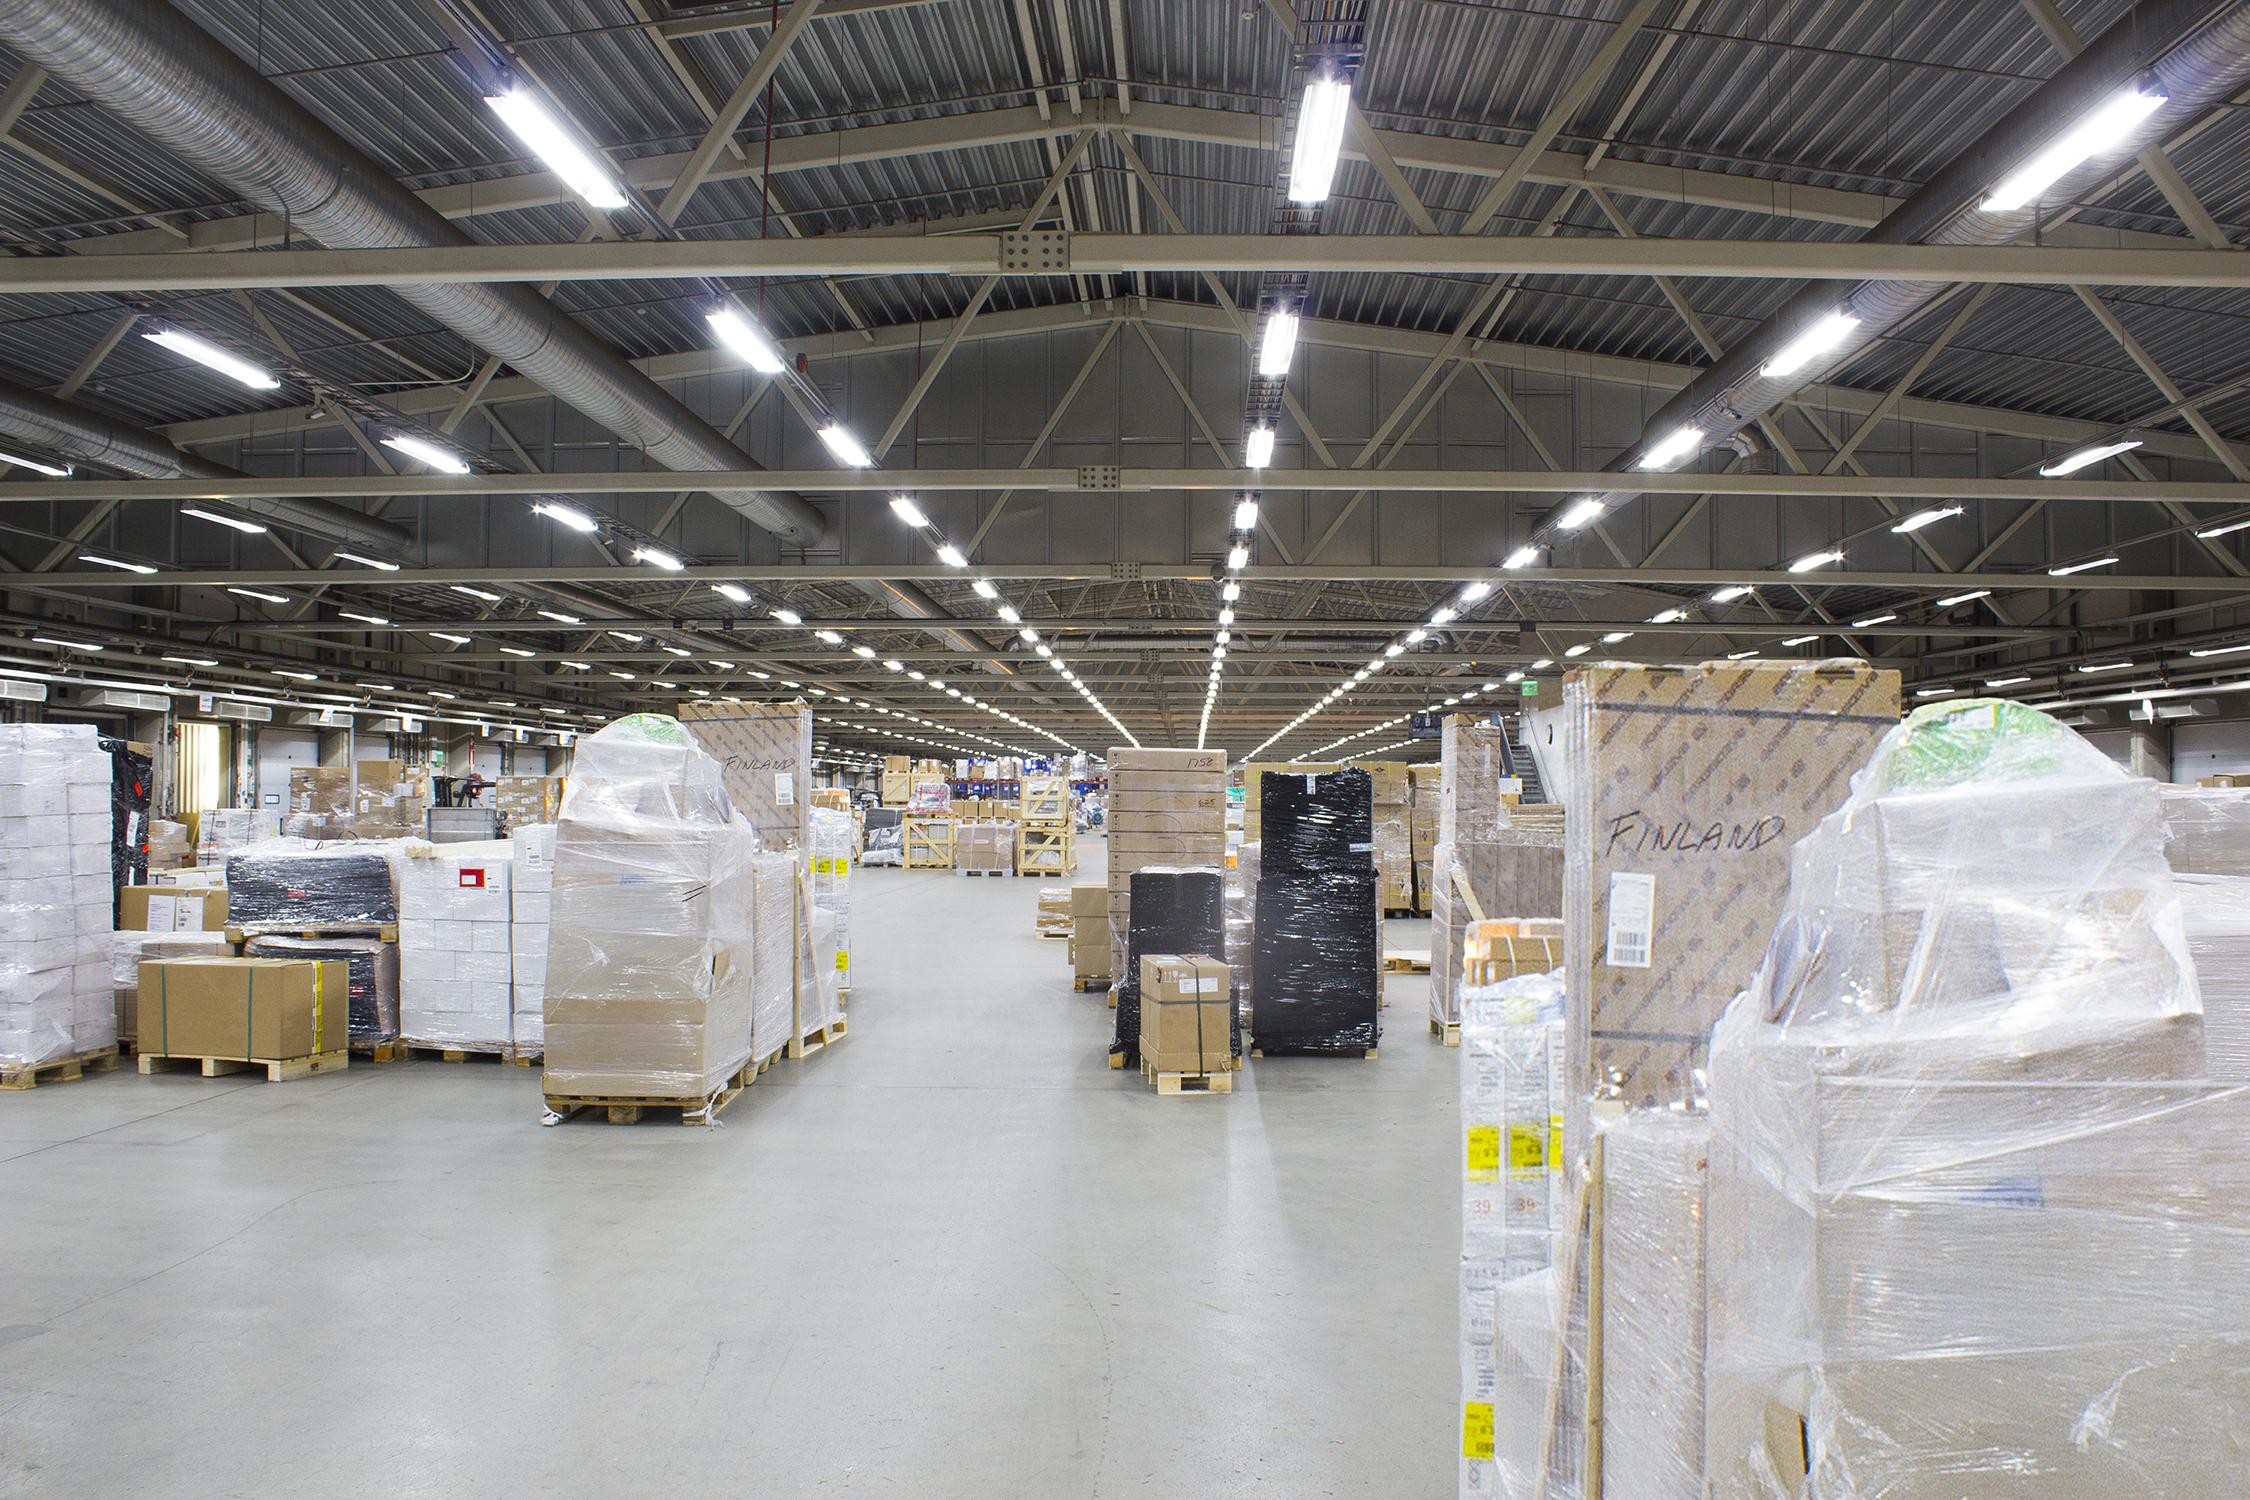 Valtavalo LED armaturer i lager